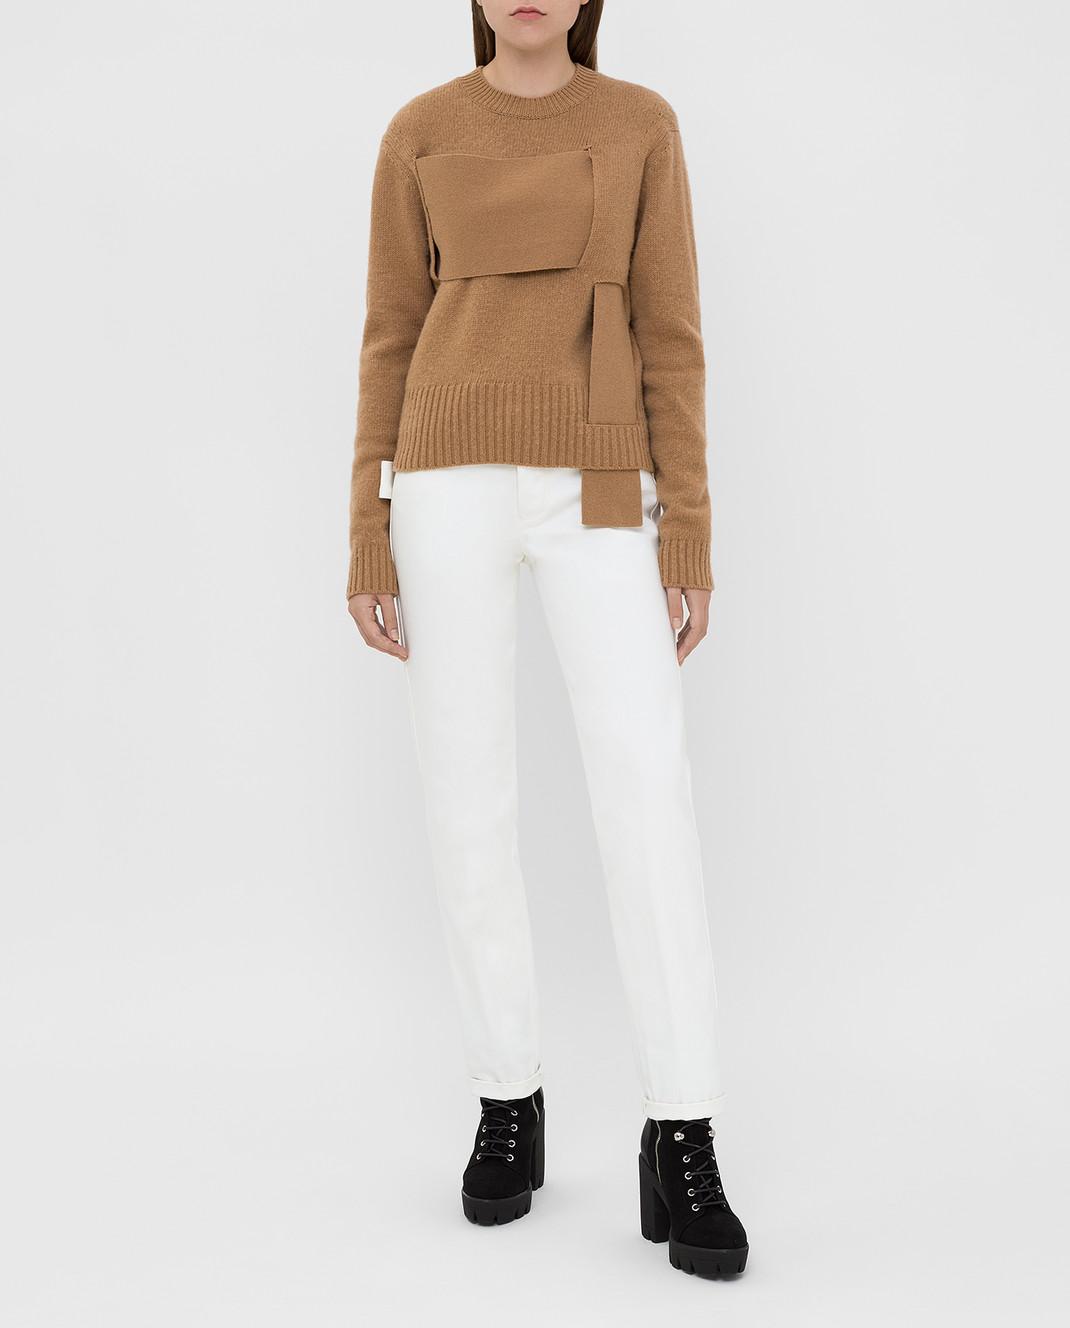 Bottega Veneta Бежевый свитер из шерсти 577543 изображение 2